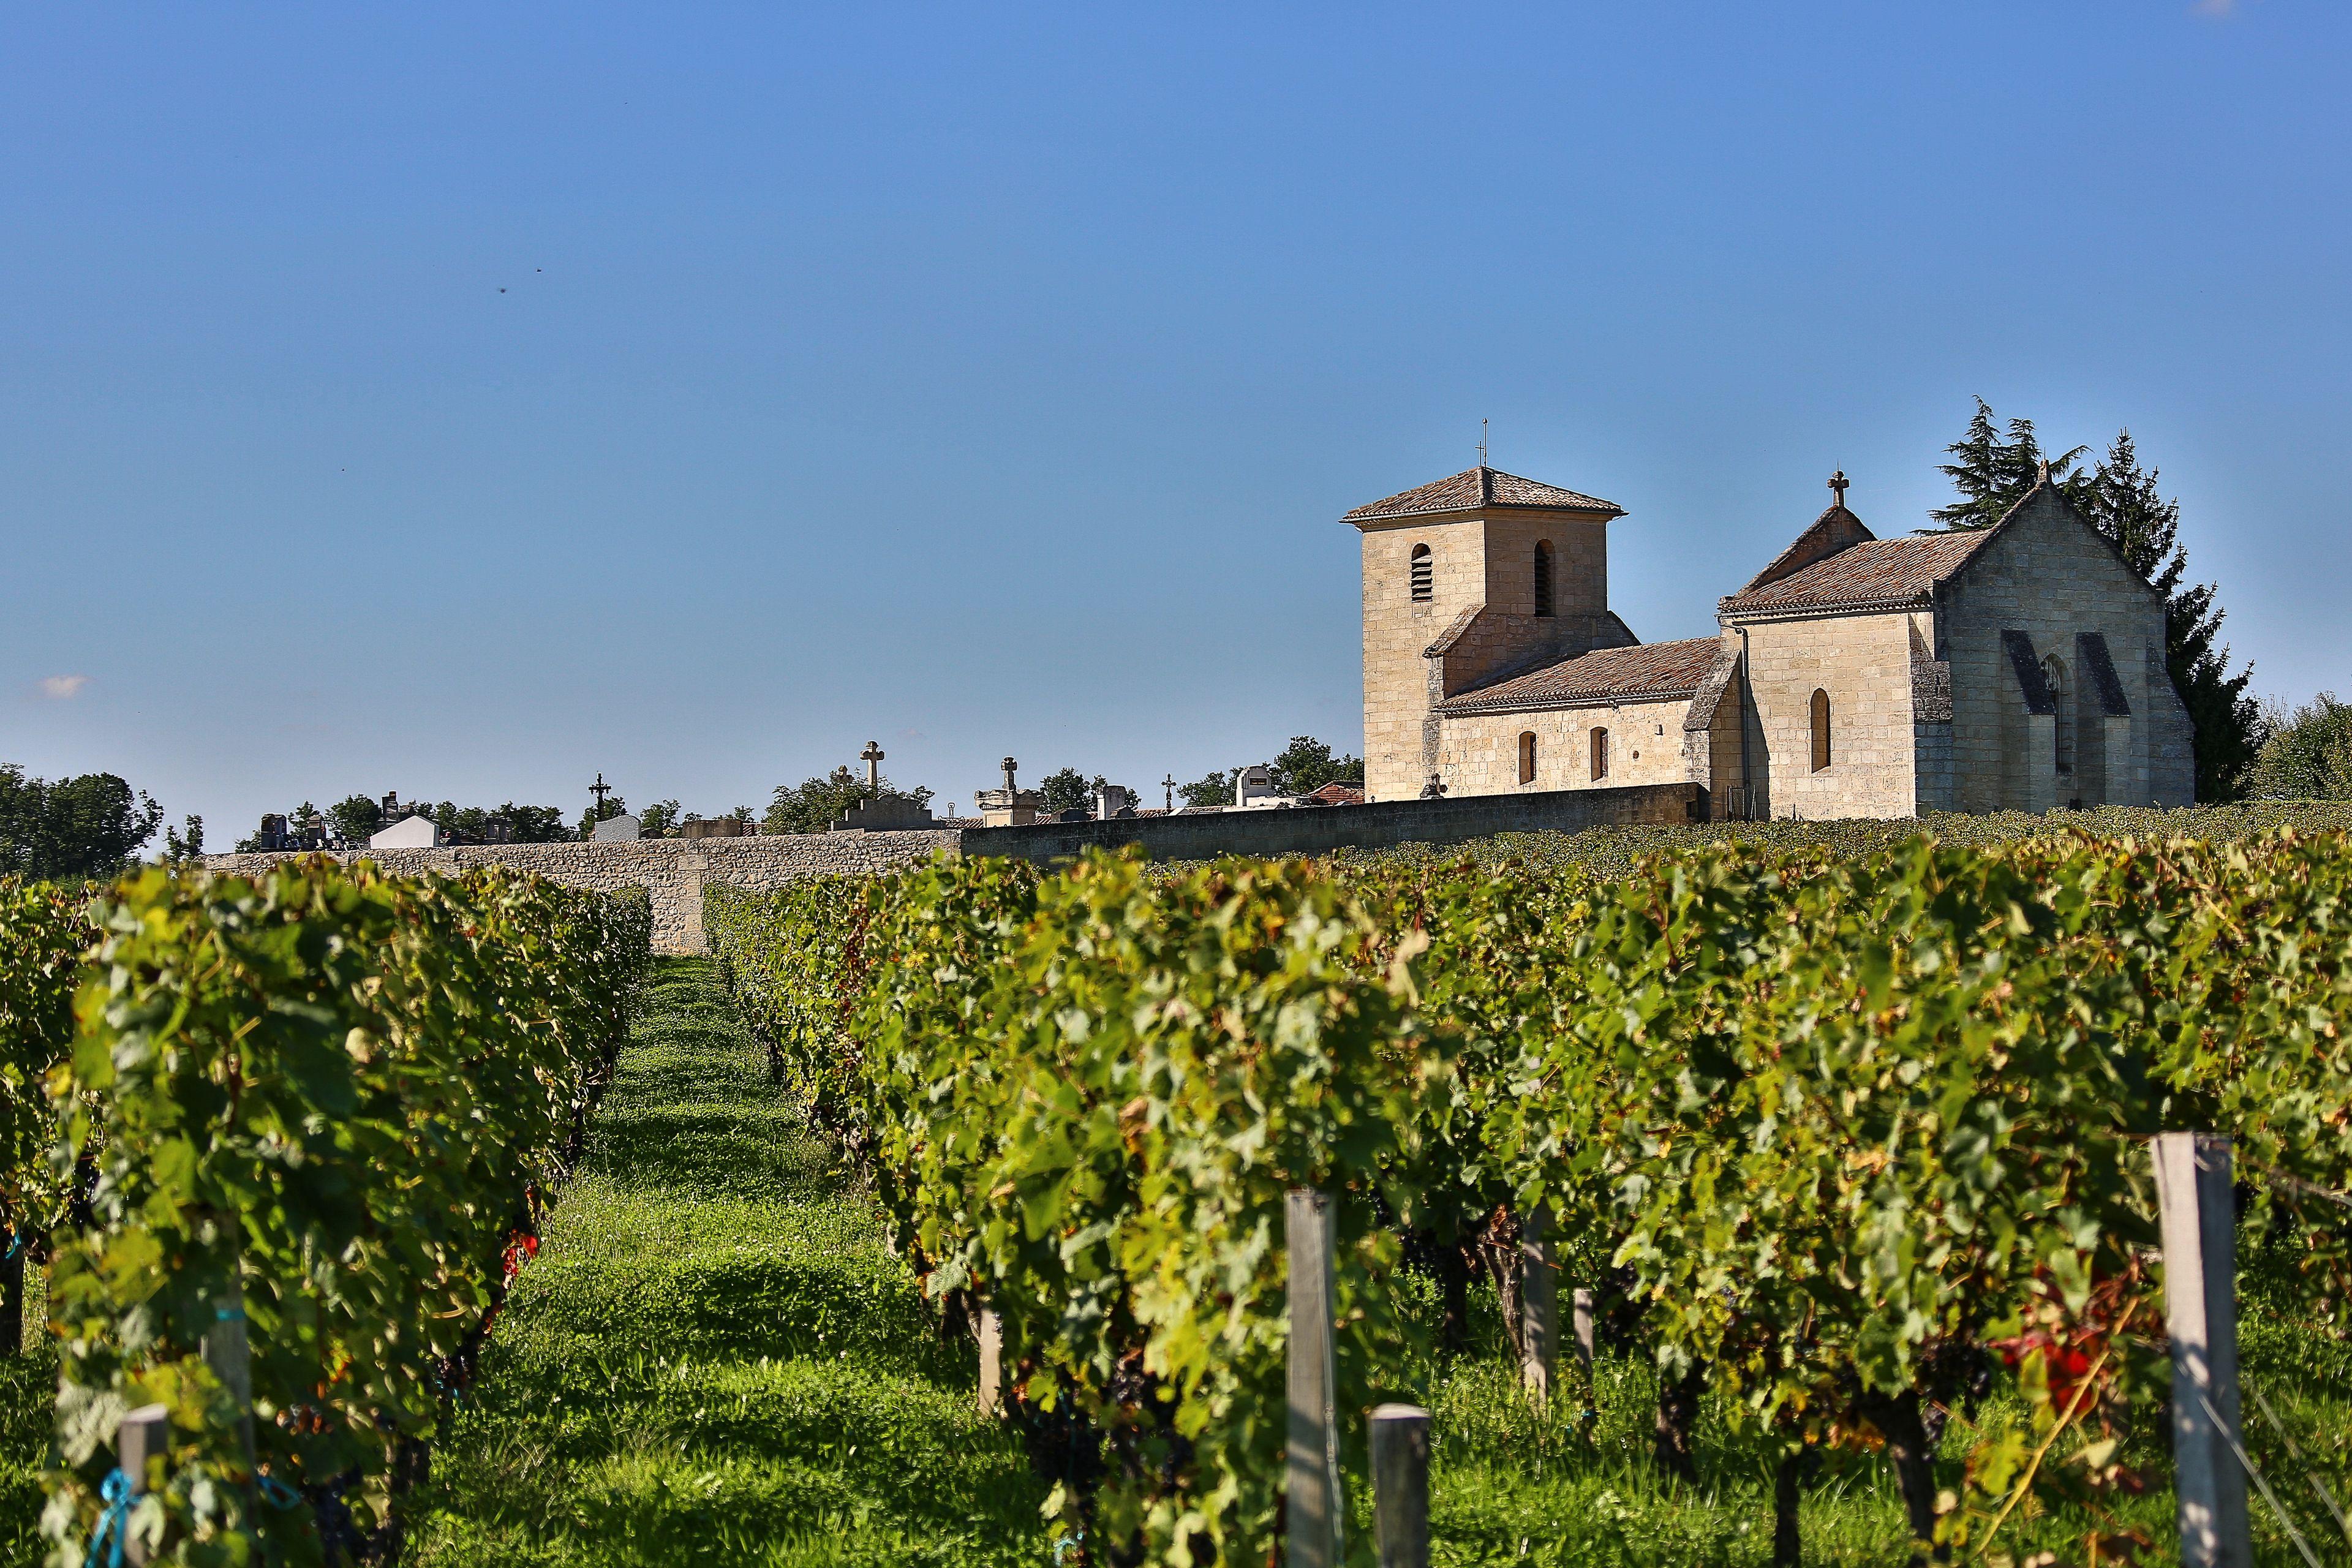 Vineyard at Saint Emilion